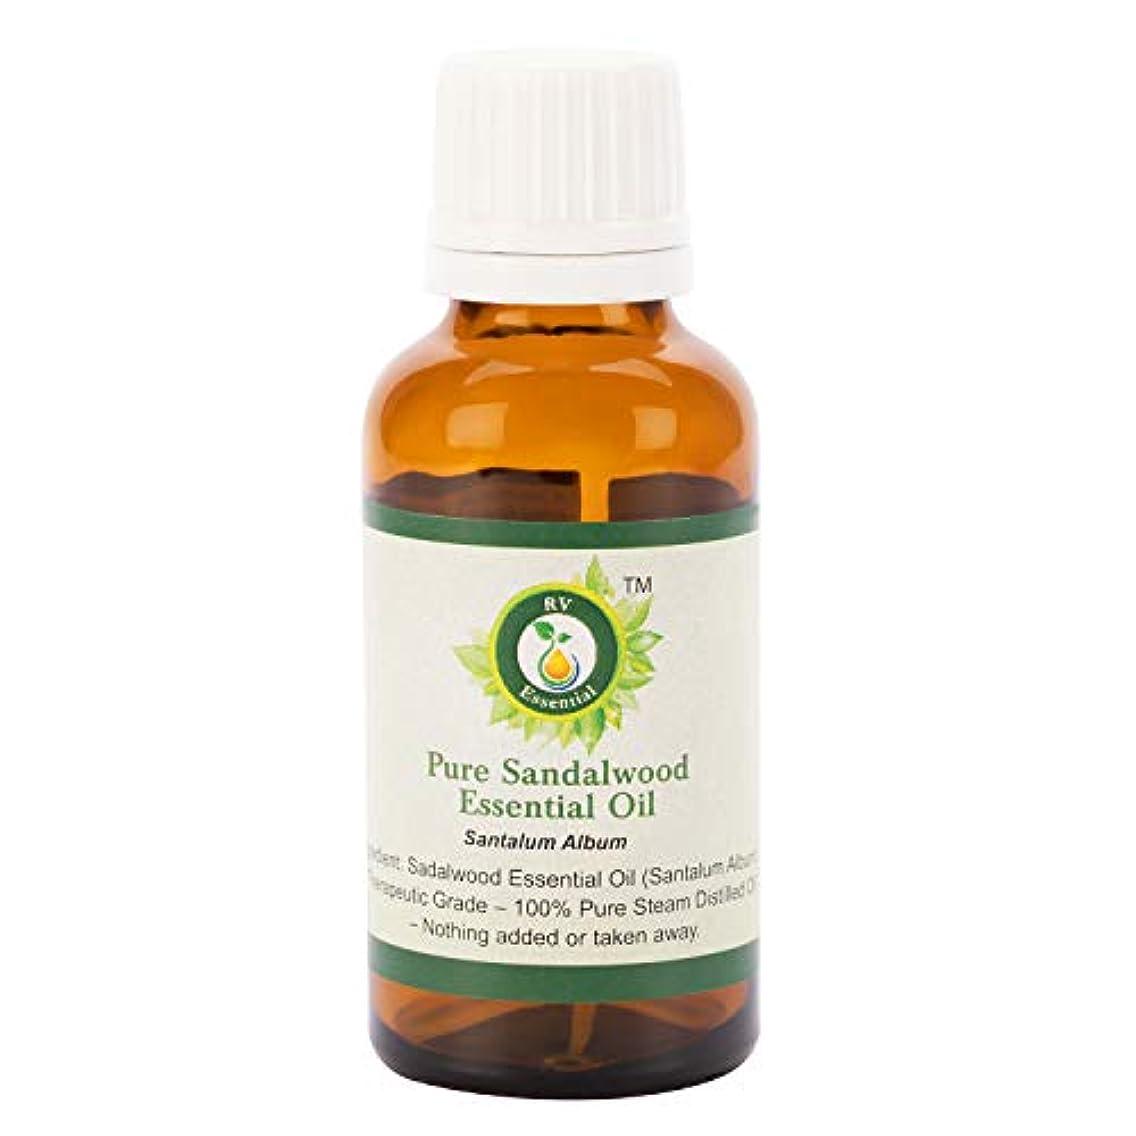 チャレンジ下にほこりピュアサンダルウッドエッセンシャルオイル100ml (3.38oz)- Santalum Album (100%純粋&天然スチームDistilled) Pure Sandalwood Essential Oil